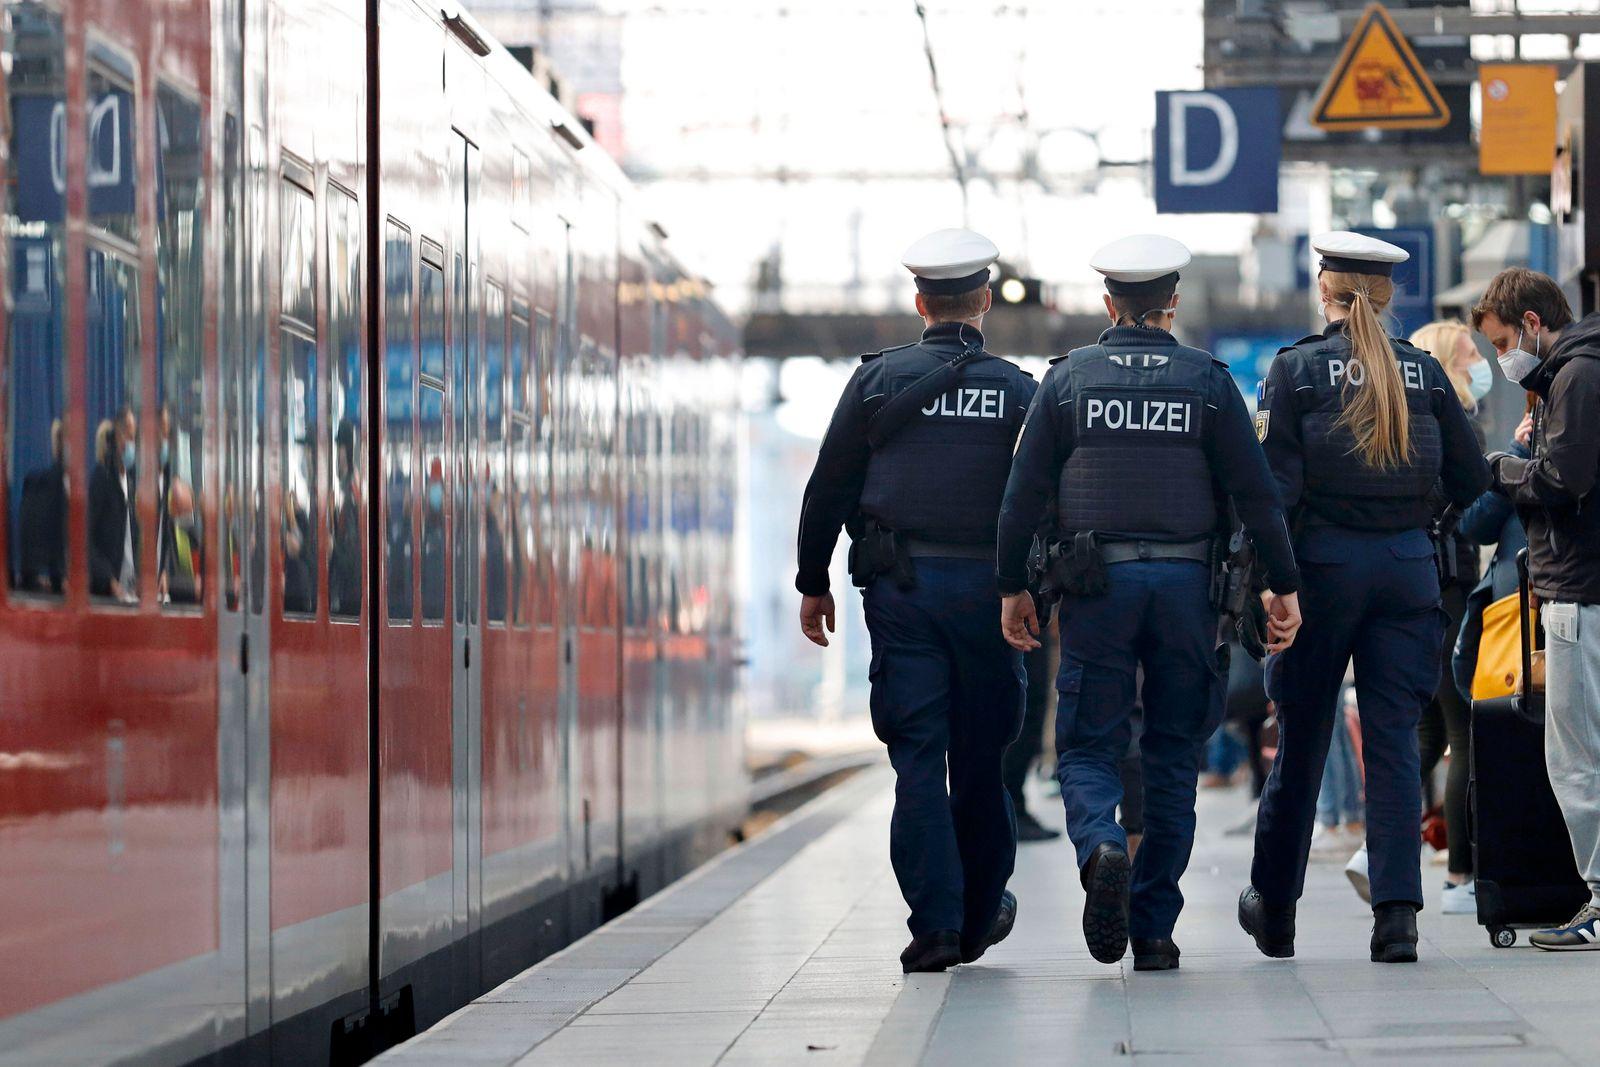 Polizisten mit schusssicheren Westen, Helmen und Maschinenpistolen umstellten den Kölner Hauptbahnhof und kontrollierte